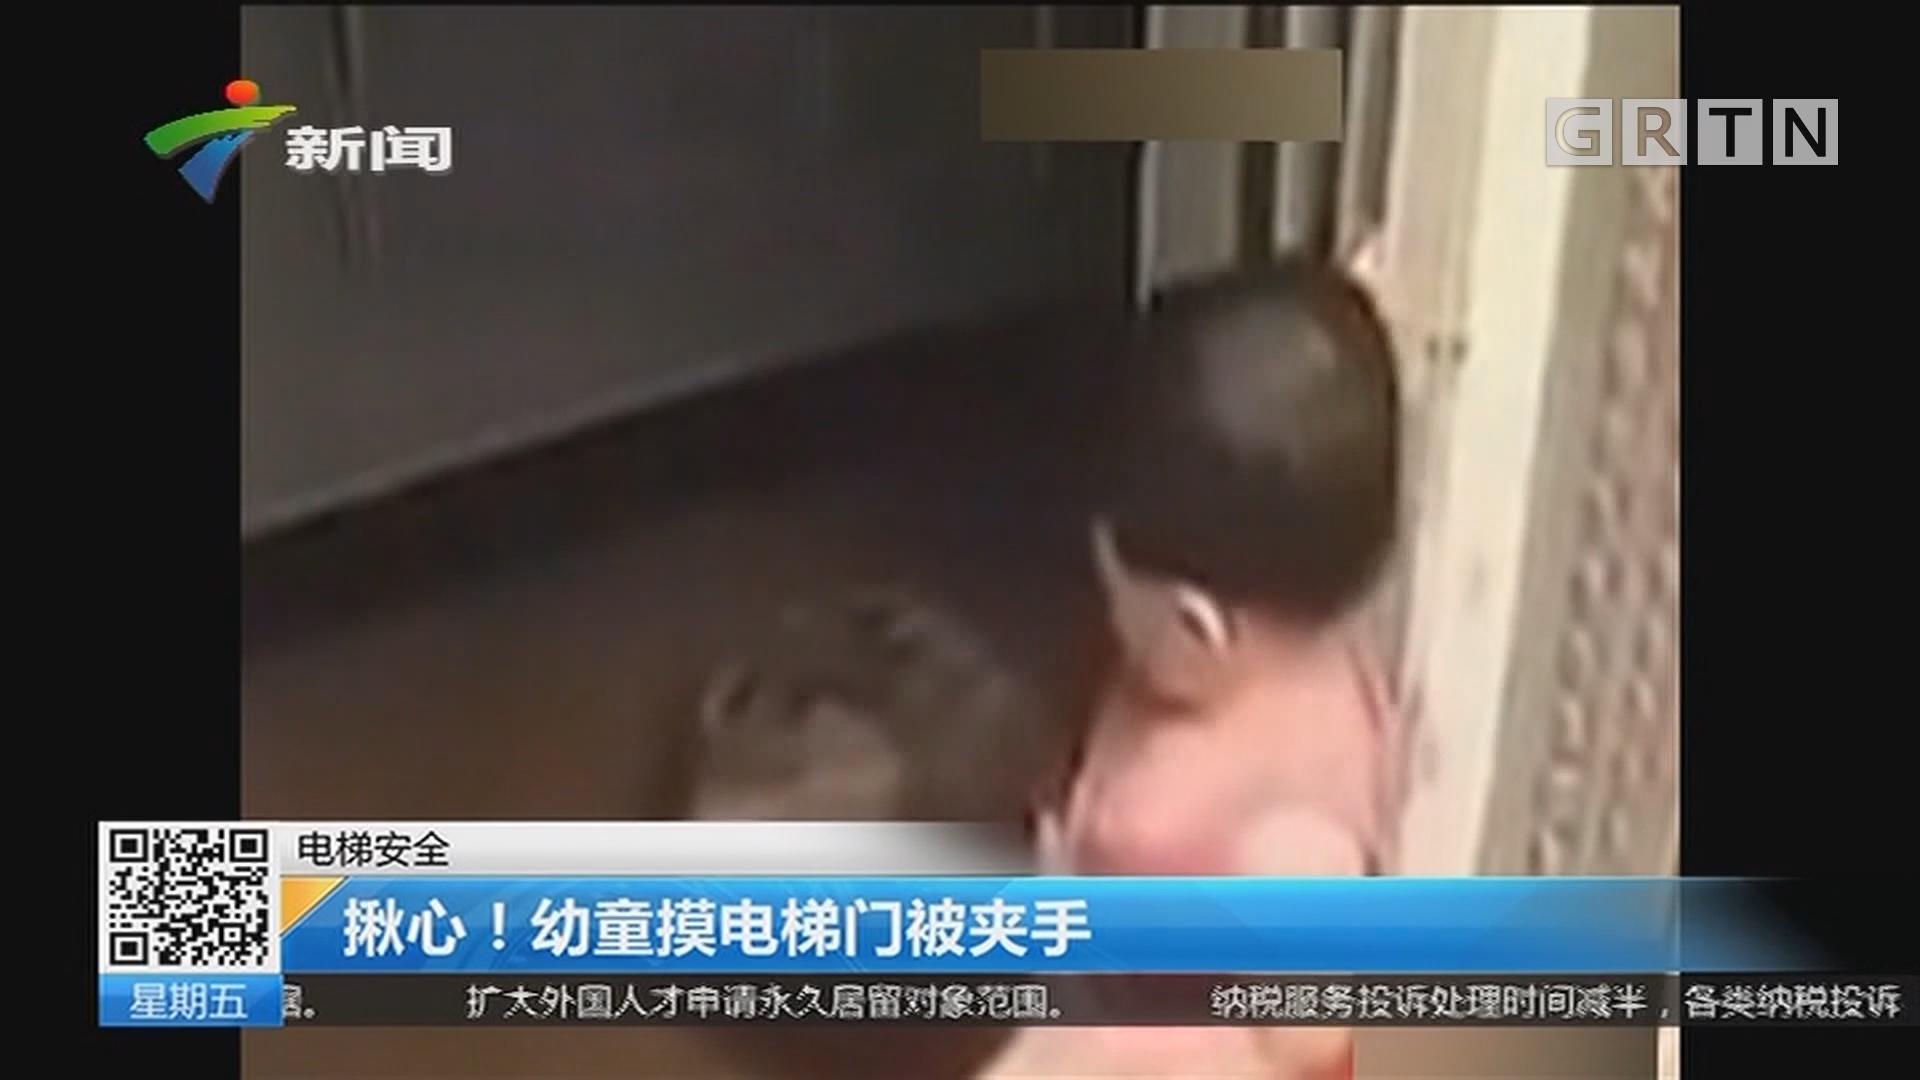 电梯安全:揪心!幼童摸电梯门被夹手